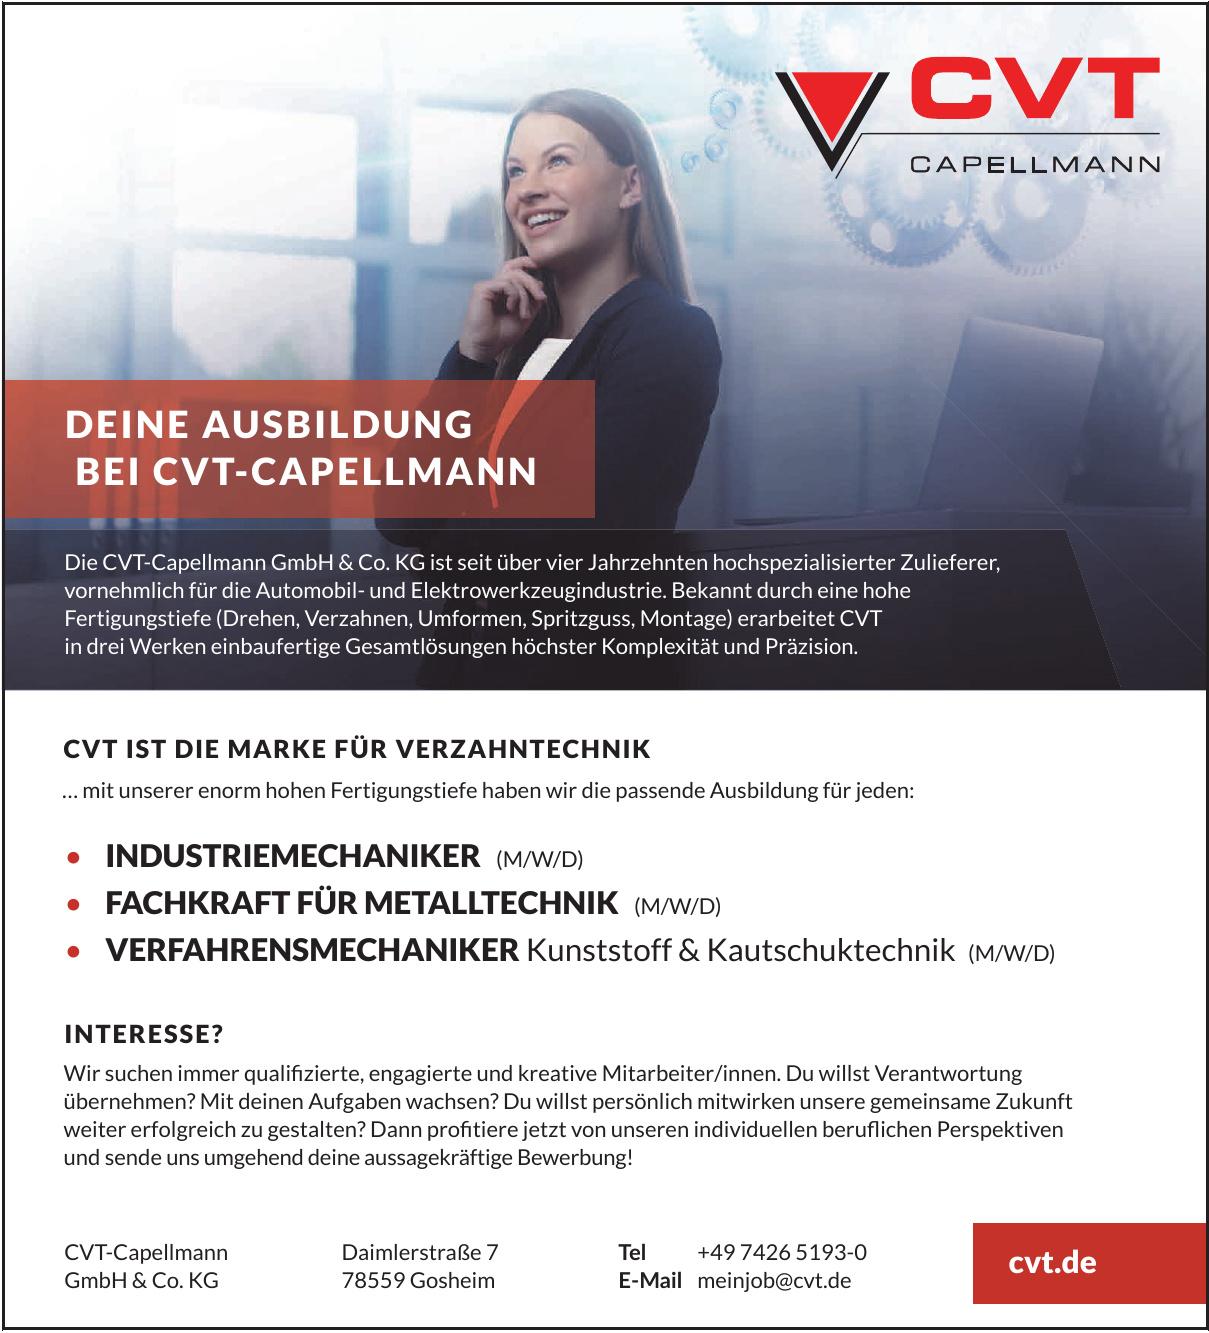 CVT-Capellmann GmbH & Co.KG